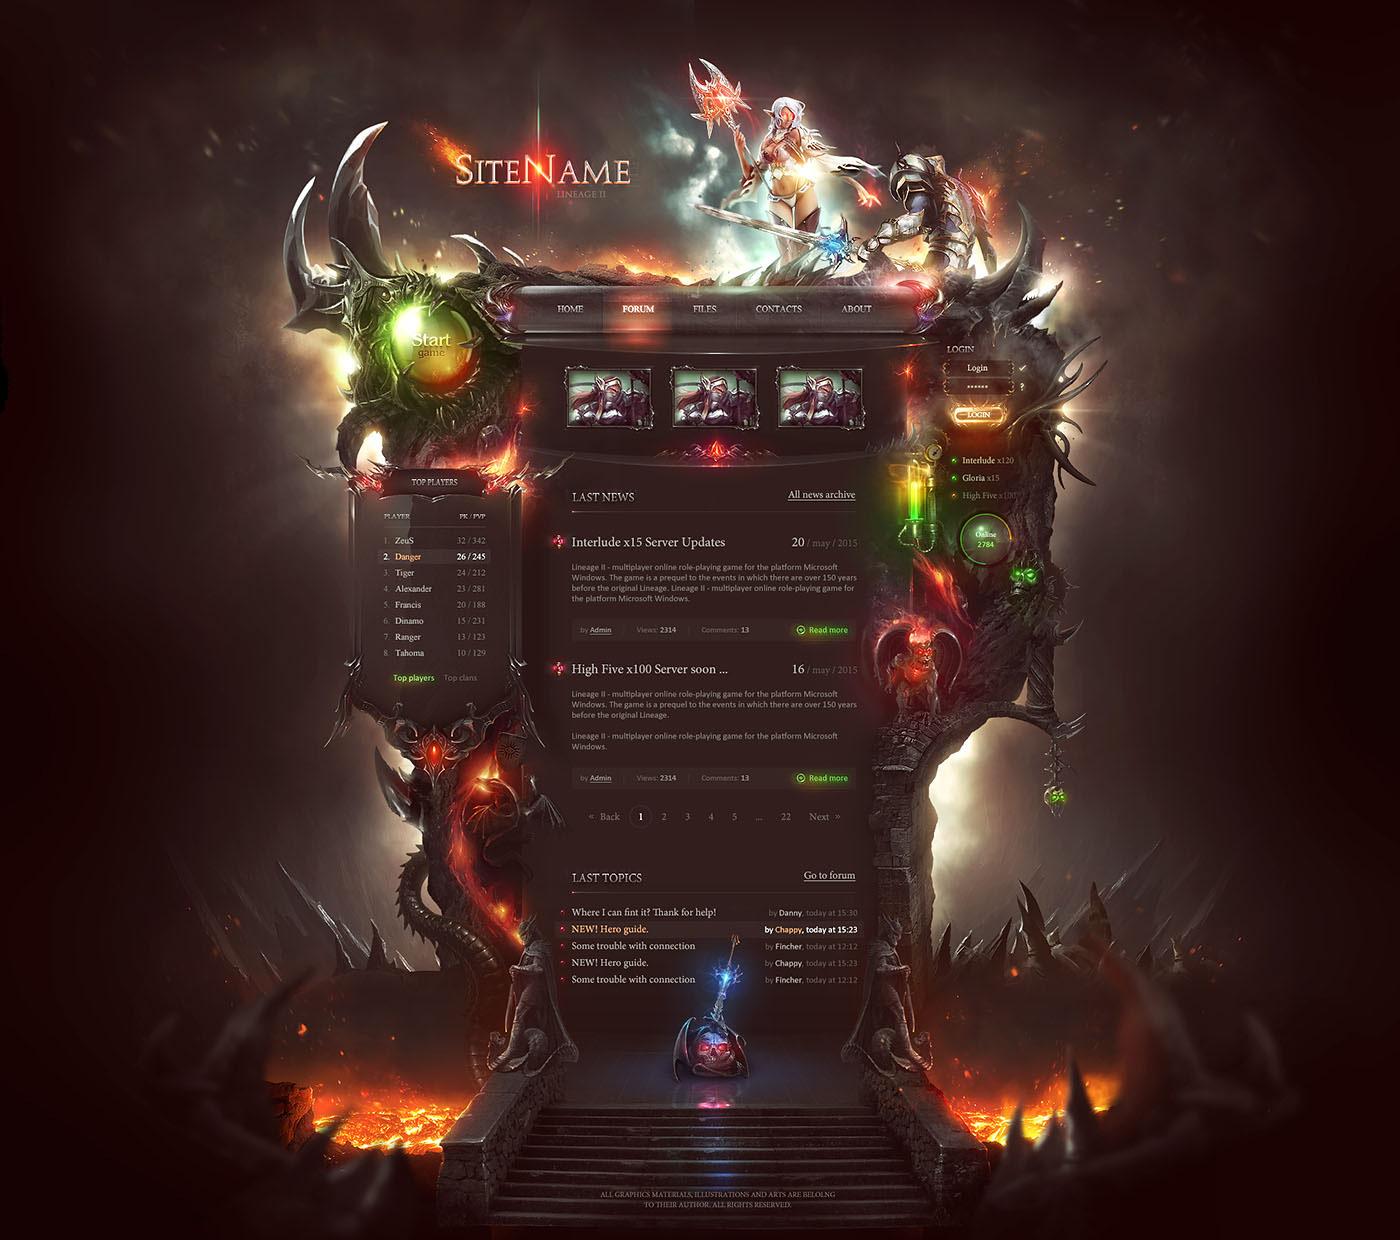 картинка для интерфейса игры доподлинно неизвестно